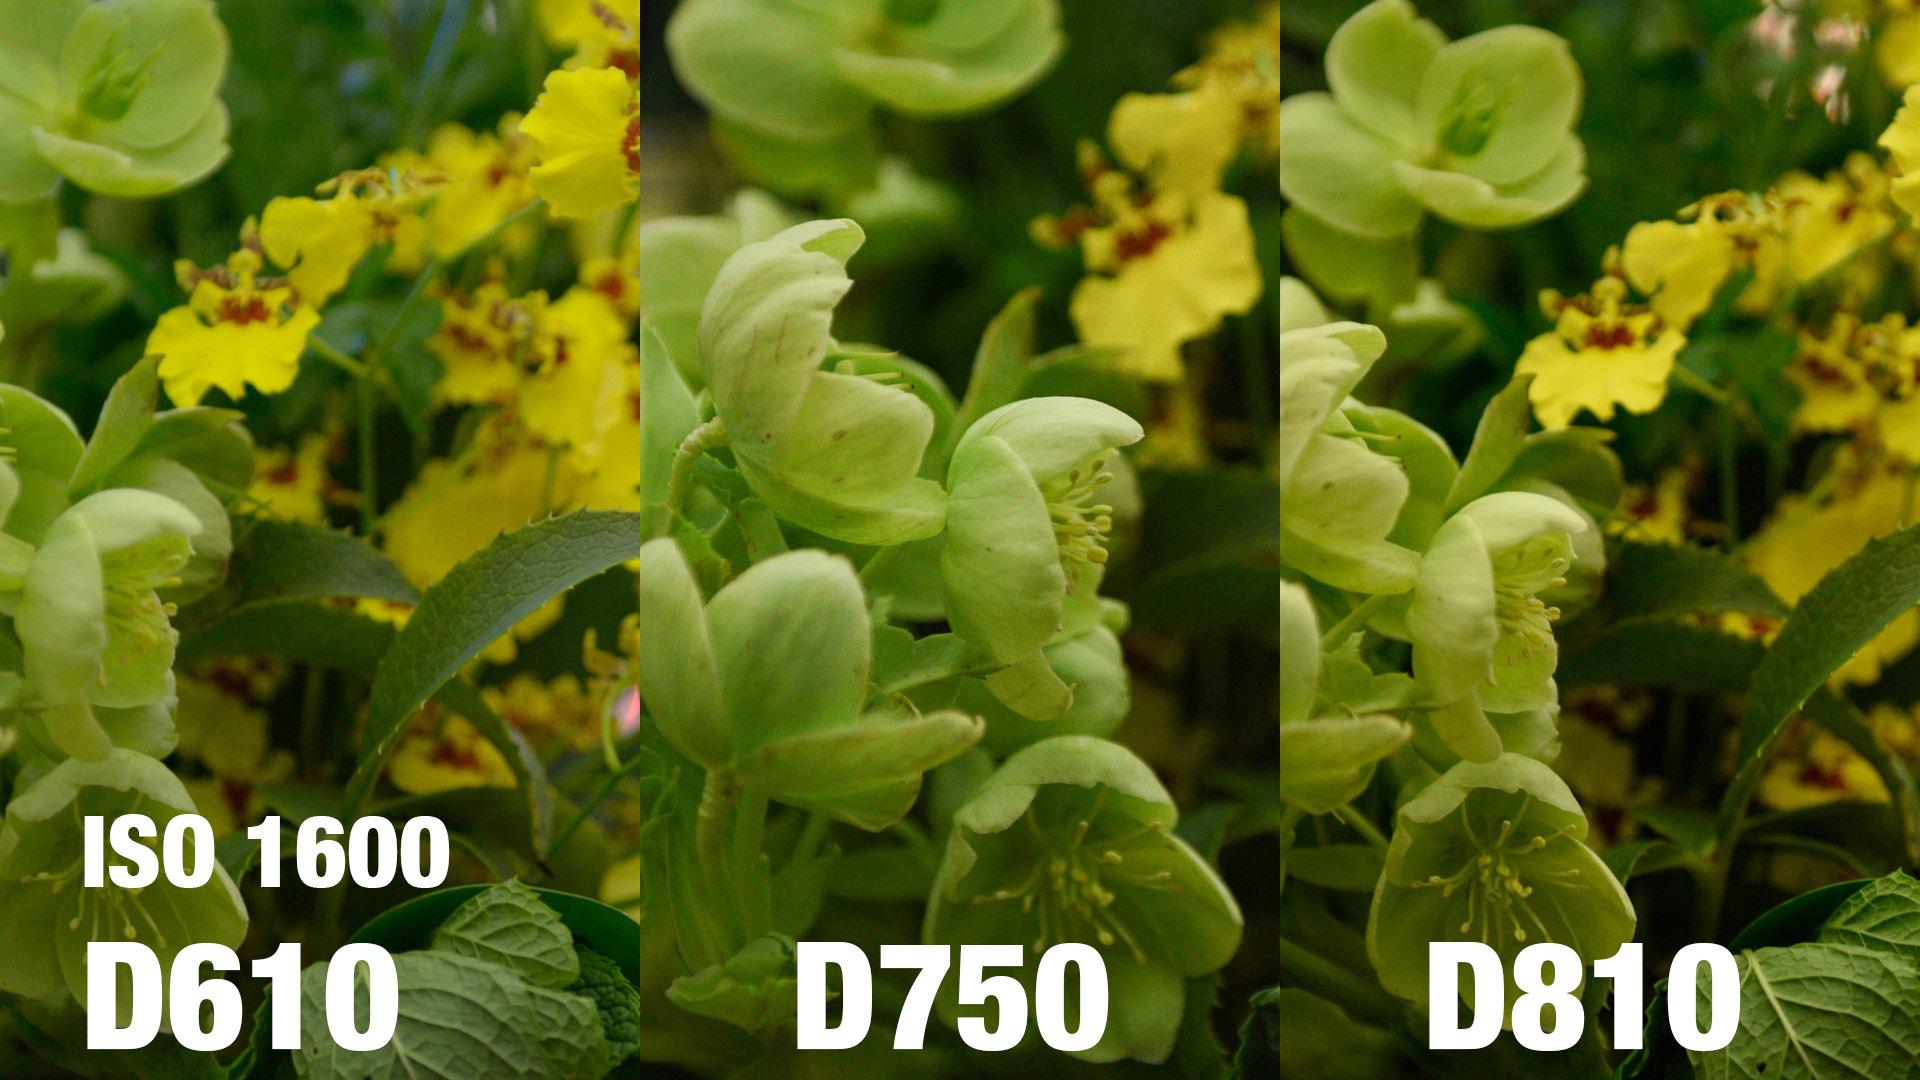 Fullsize Of D610 Vs D750